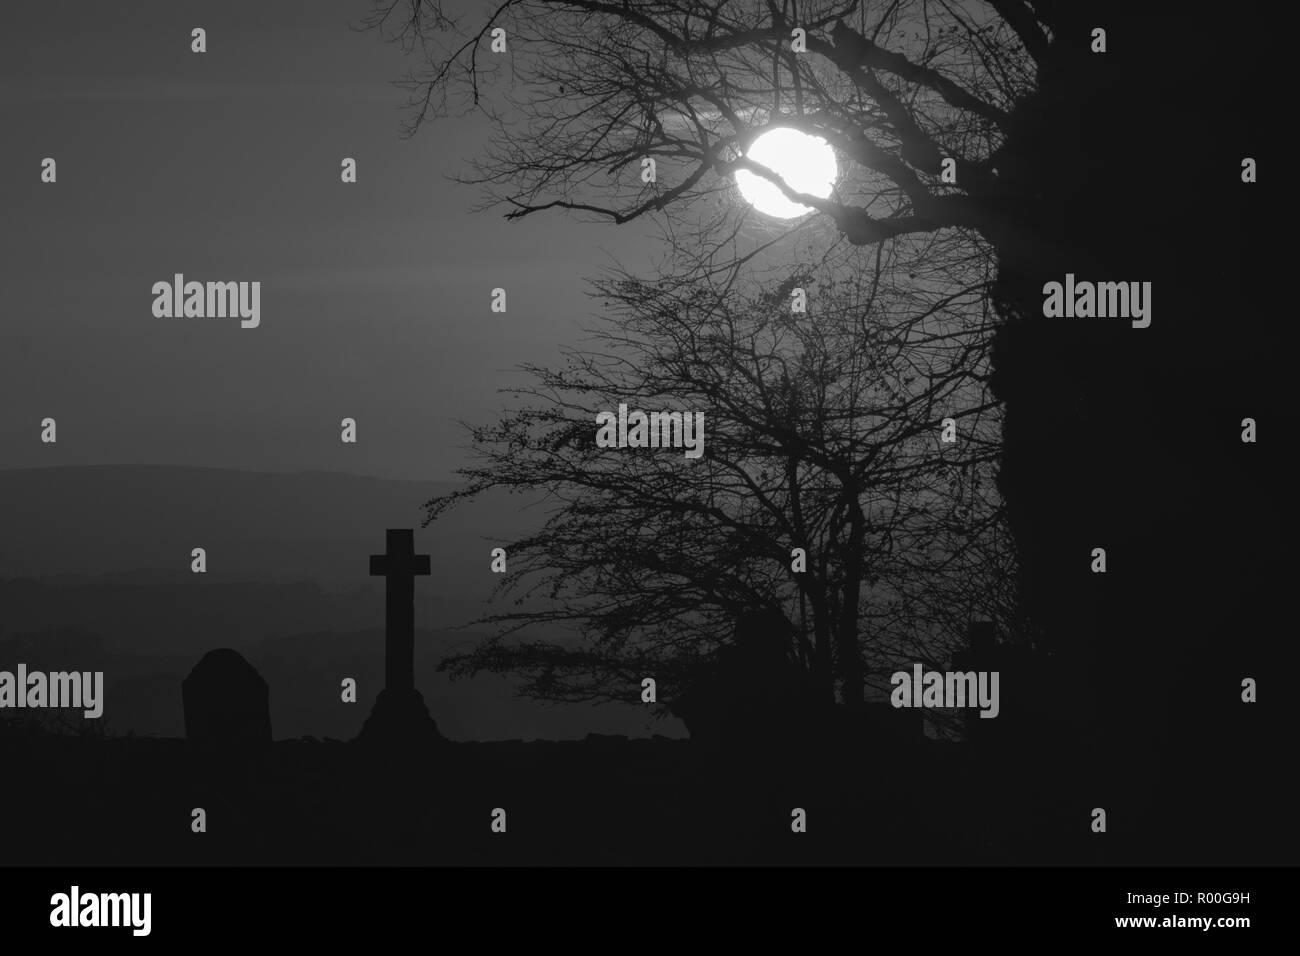 Sonnenuntergang über lansdown Friedhof mit der siloutte des Baums und Kreuz Grab in Schwarz und Weiß Stockbild